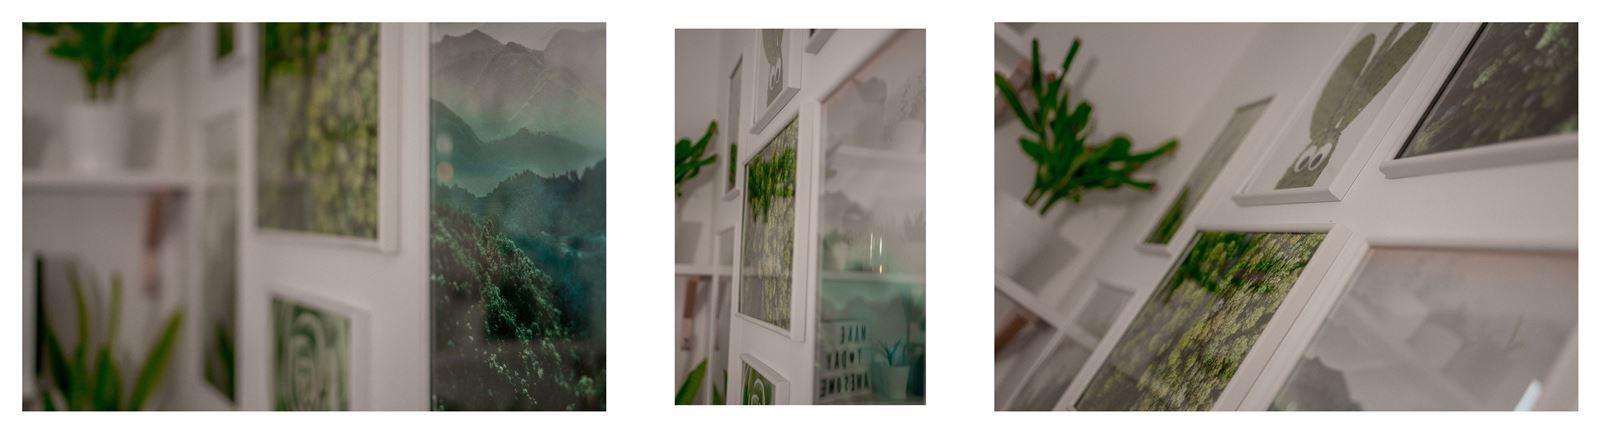 14ajak urządzić biuro w domu - dekoracje do biura, zielona ściana w mieszkaniu, jak zaprojektować galerię plakatów, plakaty krajobrazy rośliny na ścianę jak zawiesić obraz na ścianie plakat na ścianę